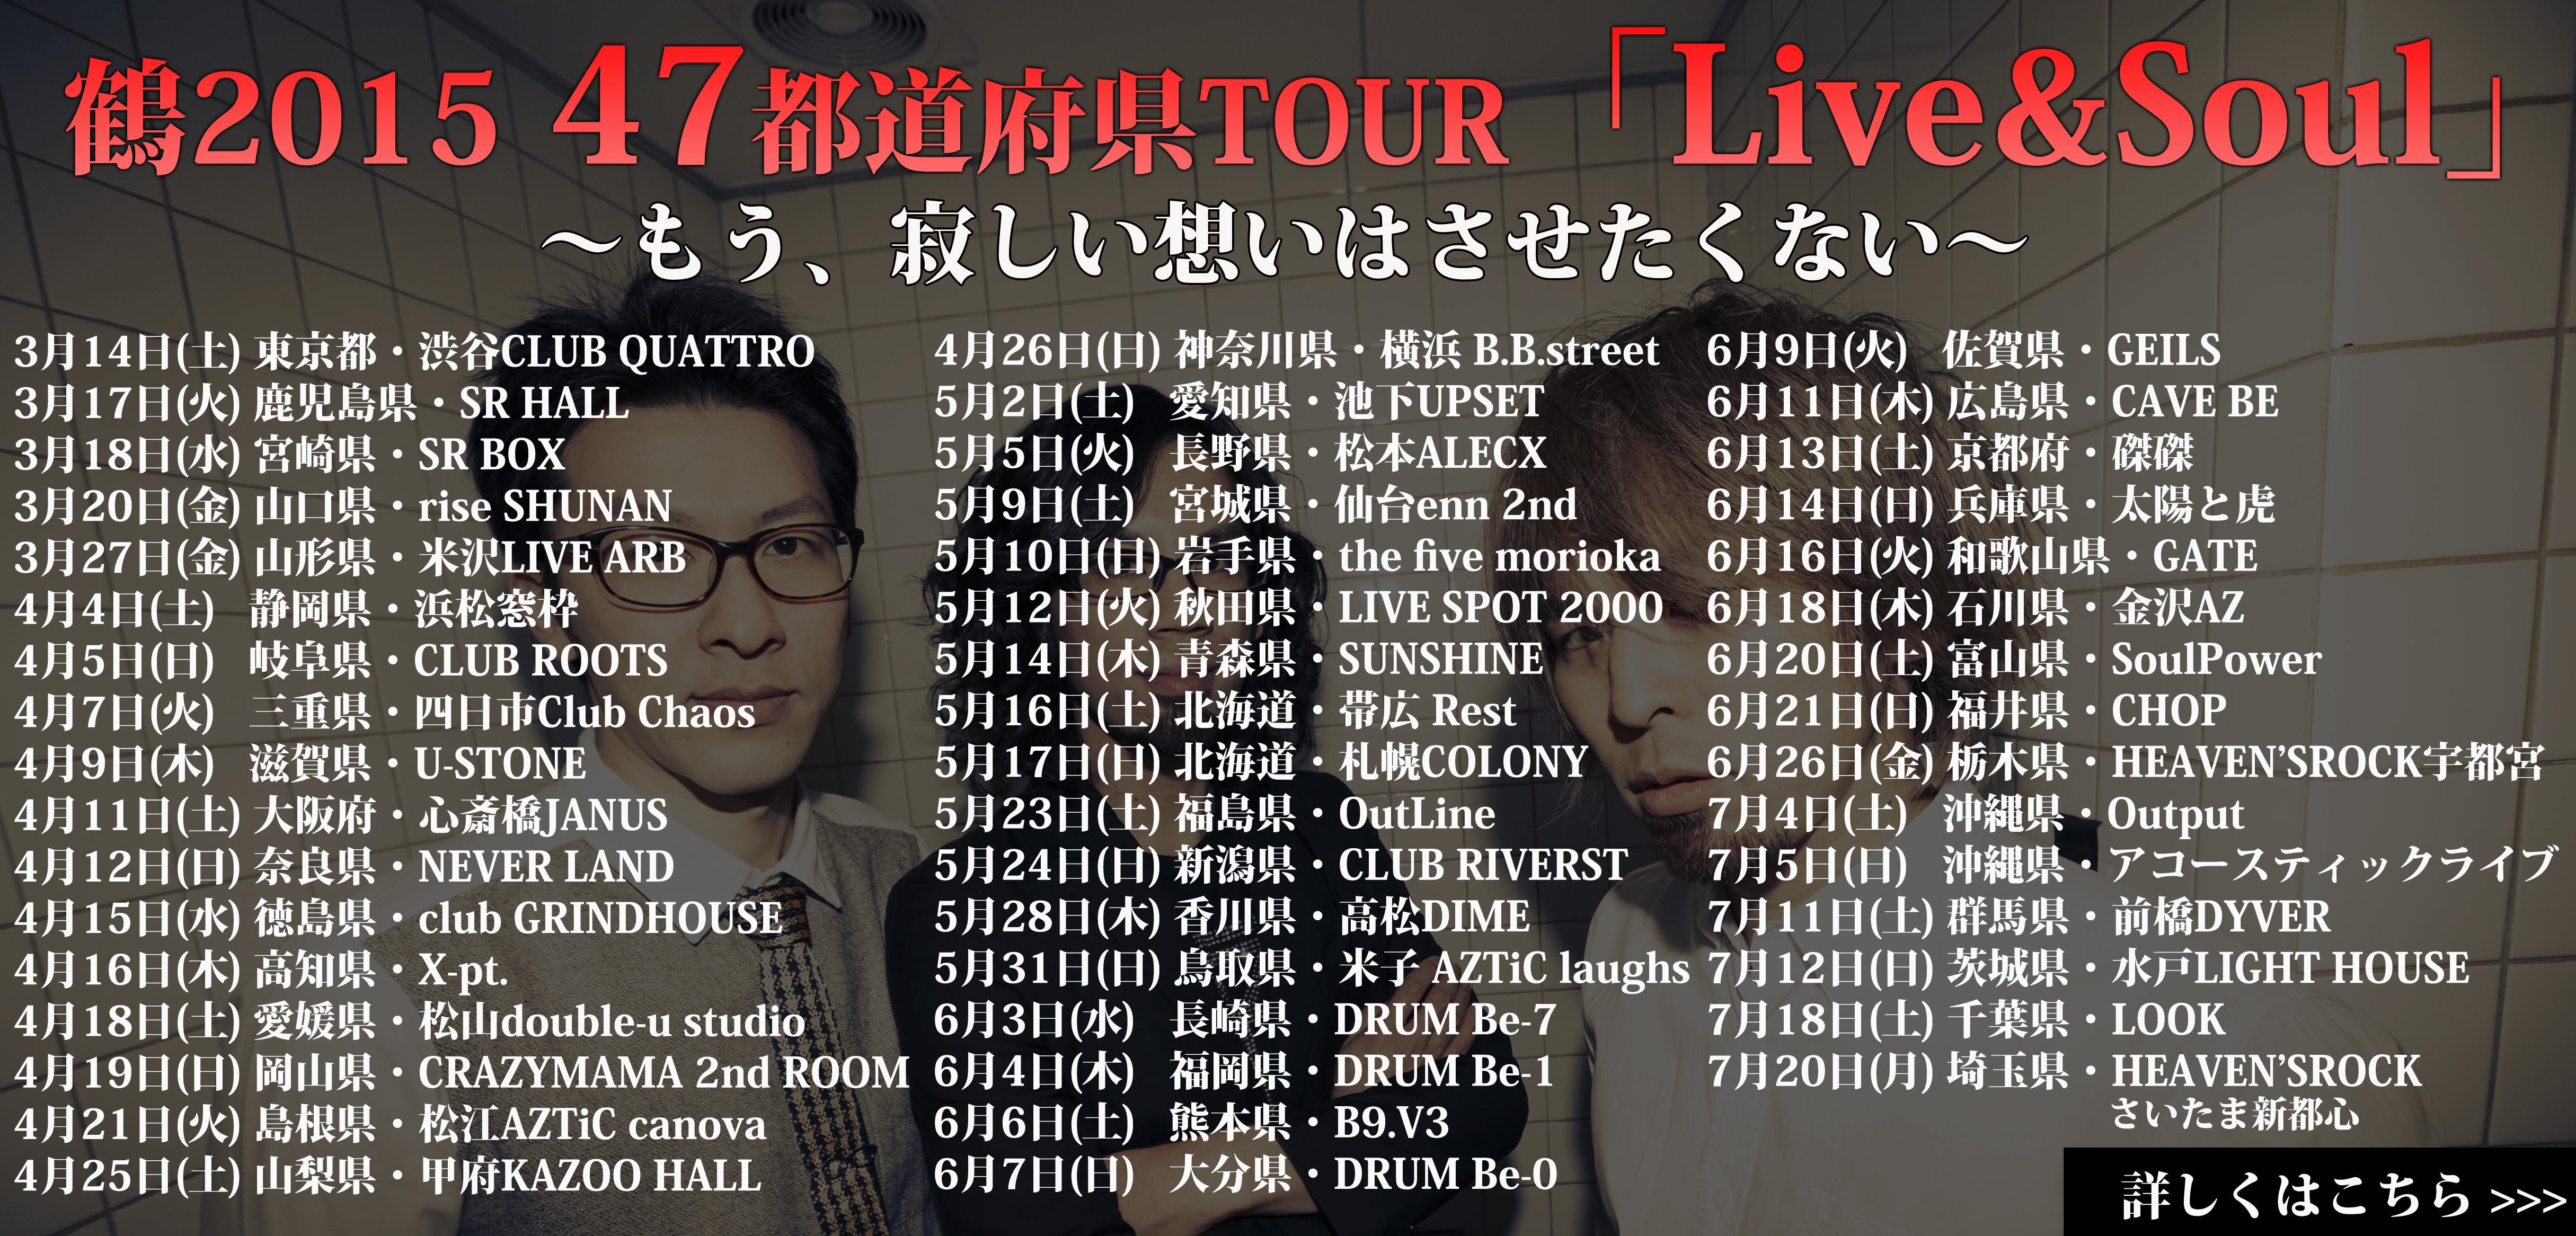 鶴47都道府県TOUR「Live&Soul」〜もう、寂しい想いはさせたくない〜